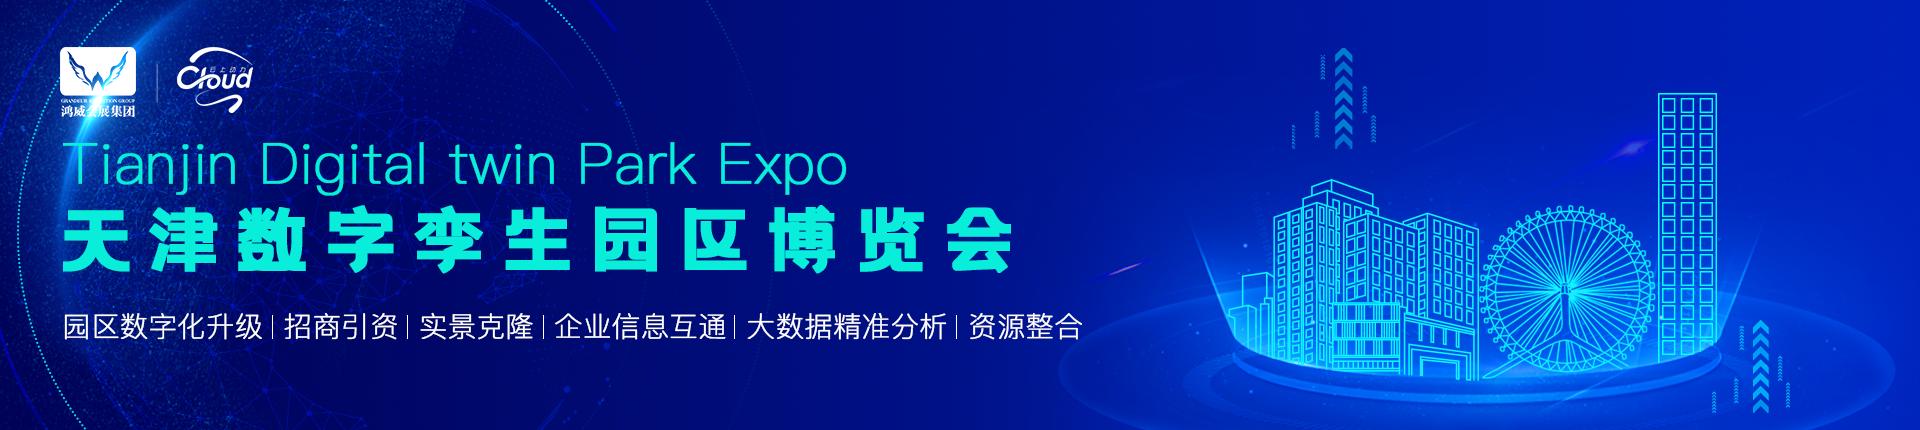 天津数字孪生园区博览会